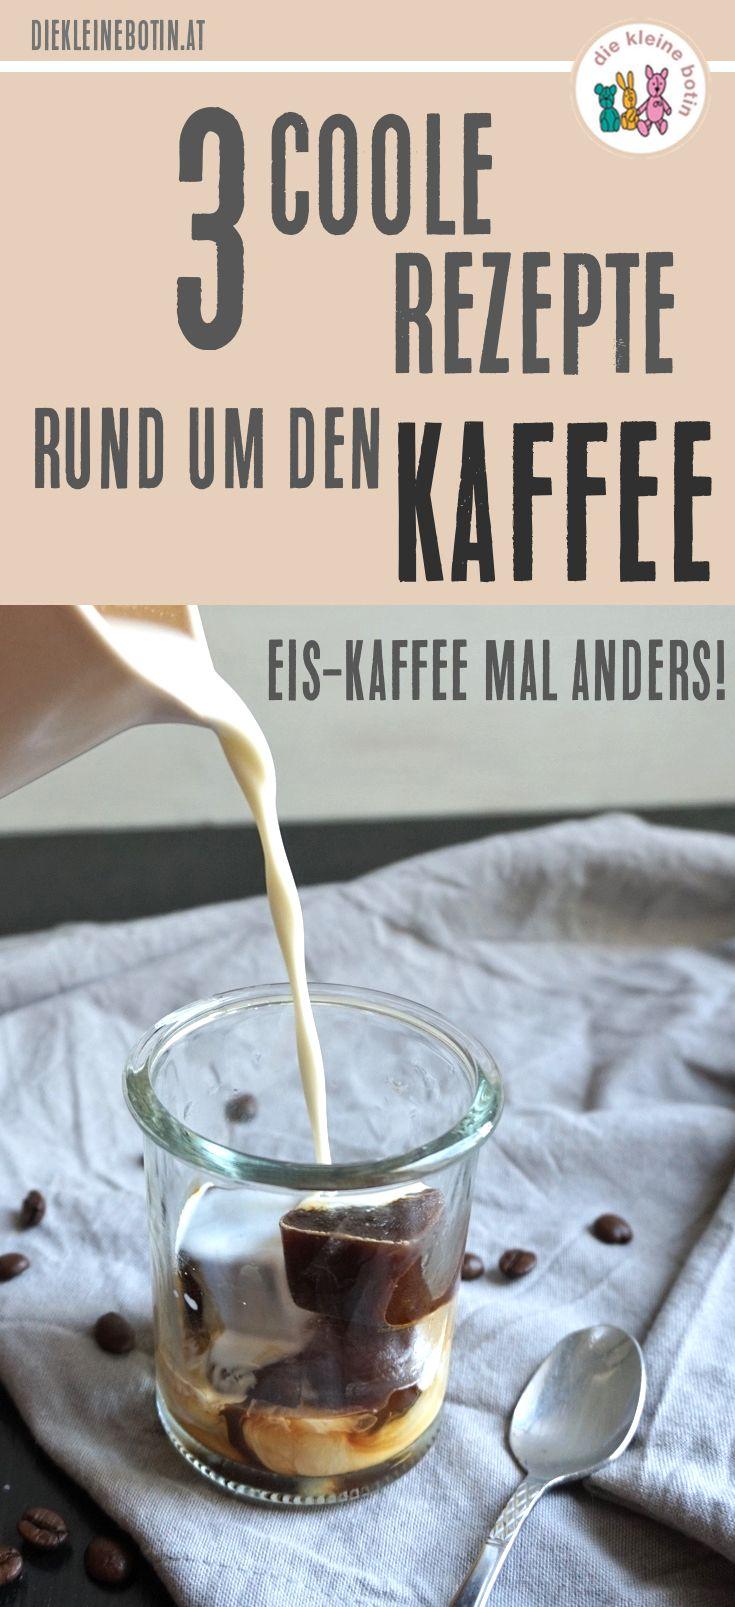 Die 3 coolsten Eis-Kaffee-Ideen! Mal anders! Diese Rezepte für Iced-Coffe sind meine Favoriten. Einfach und schnell zu machen und richtig erfrischend. Vegan & mit normaler Milch.